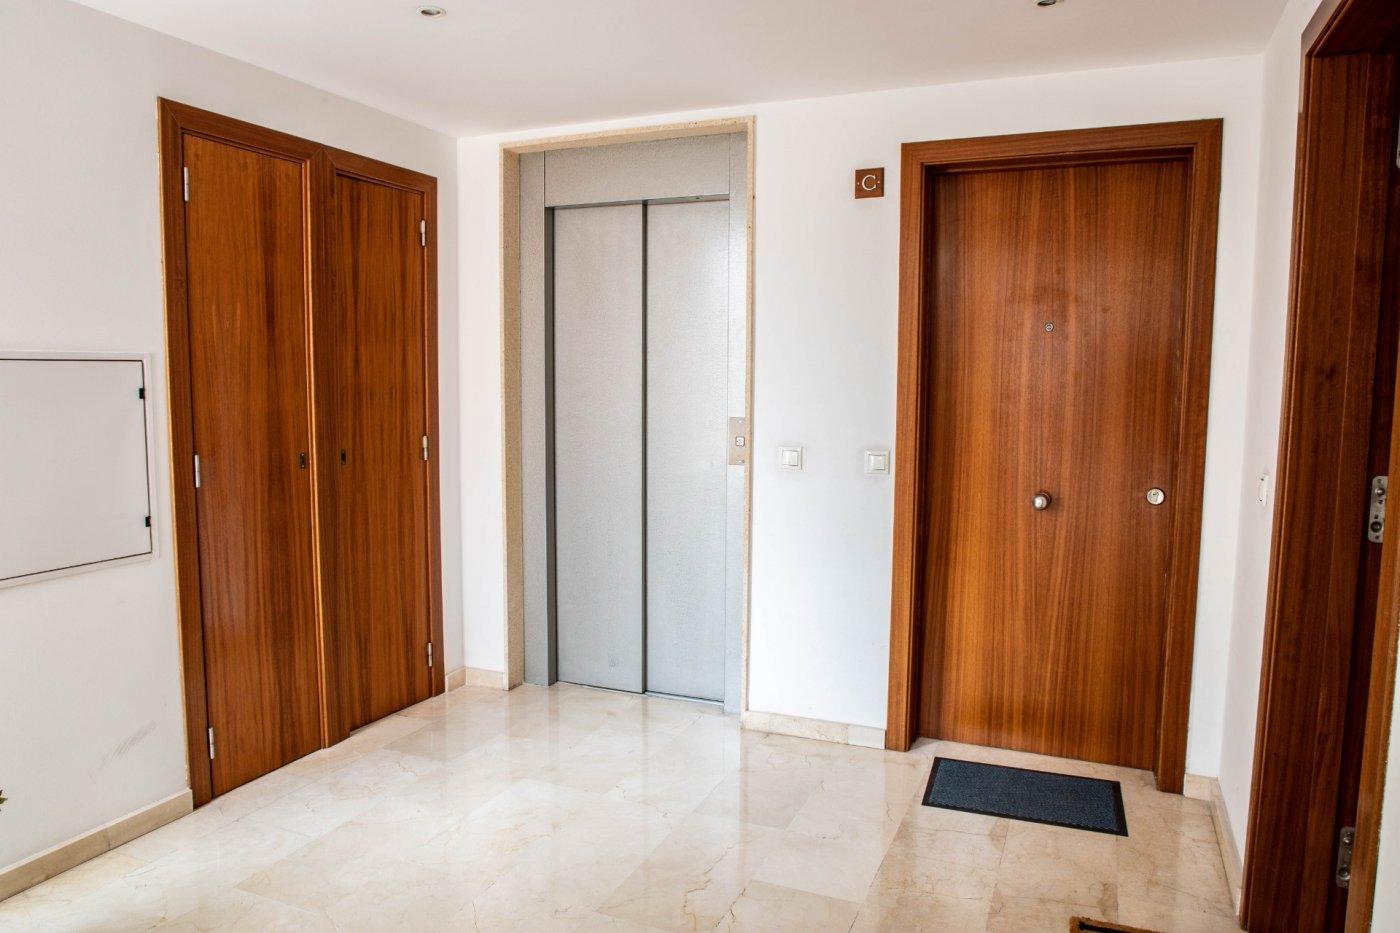 En venta espectacular piso en el terreno cerca al paseo maritimo - imagenInmueble25